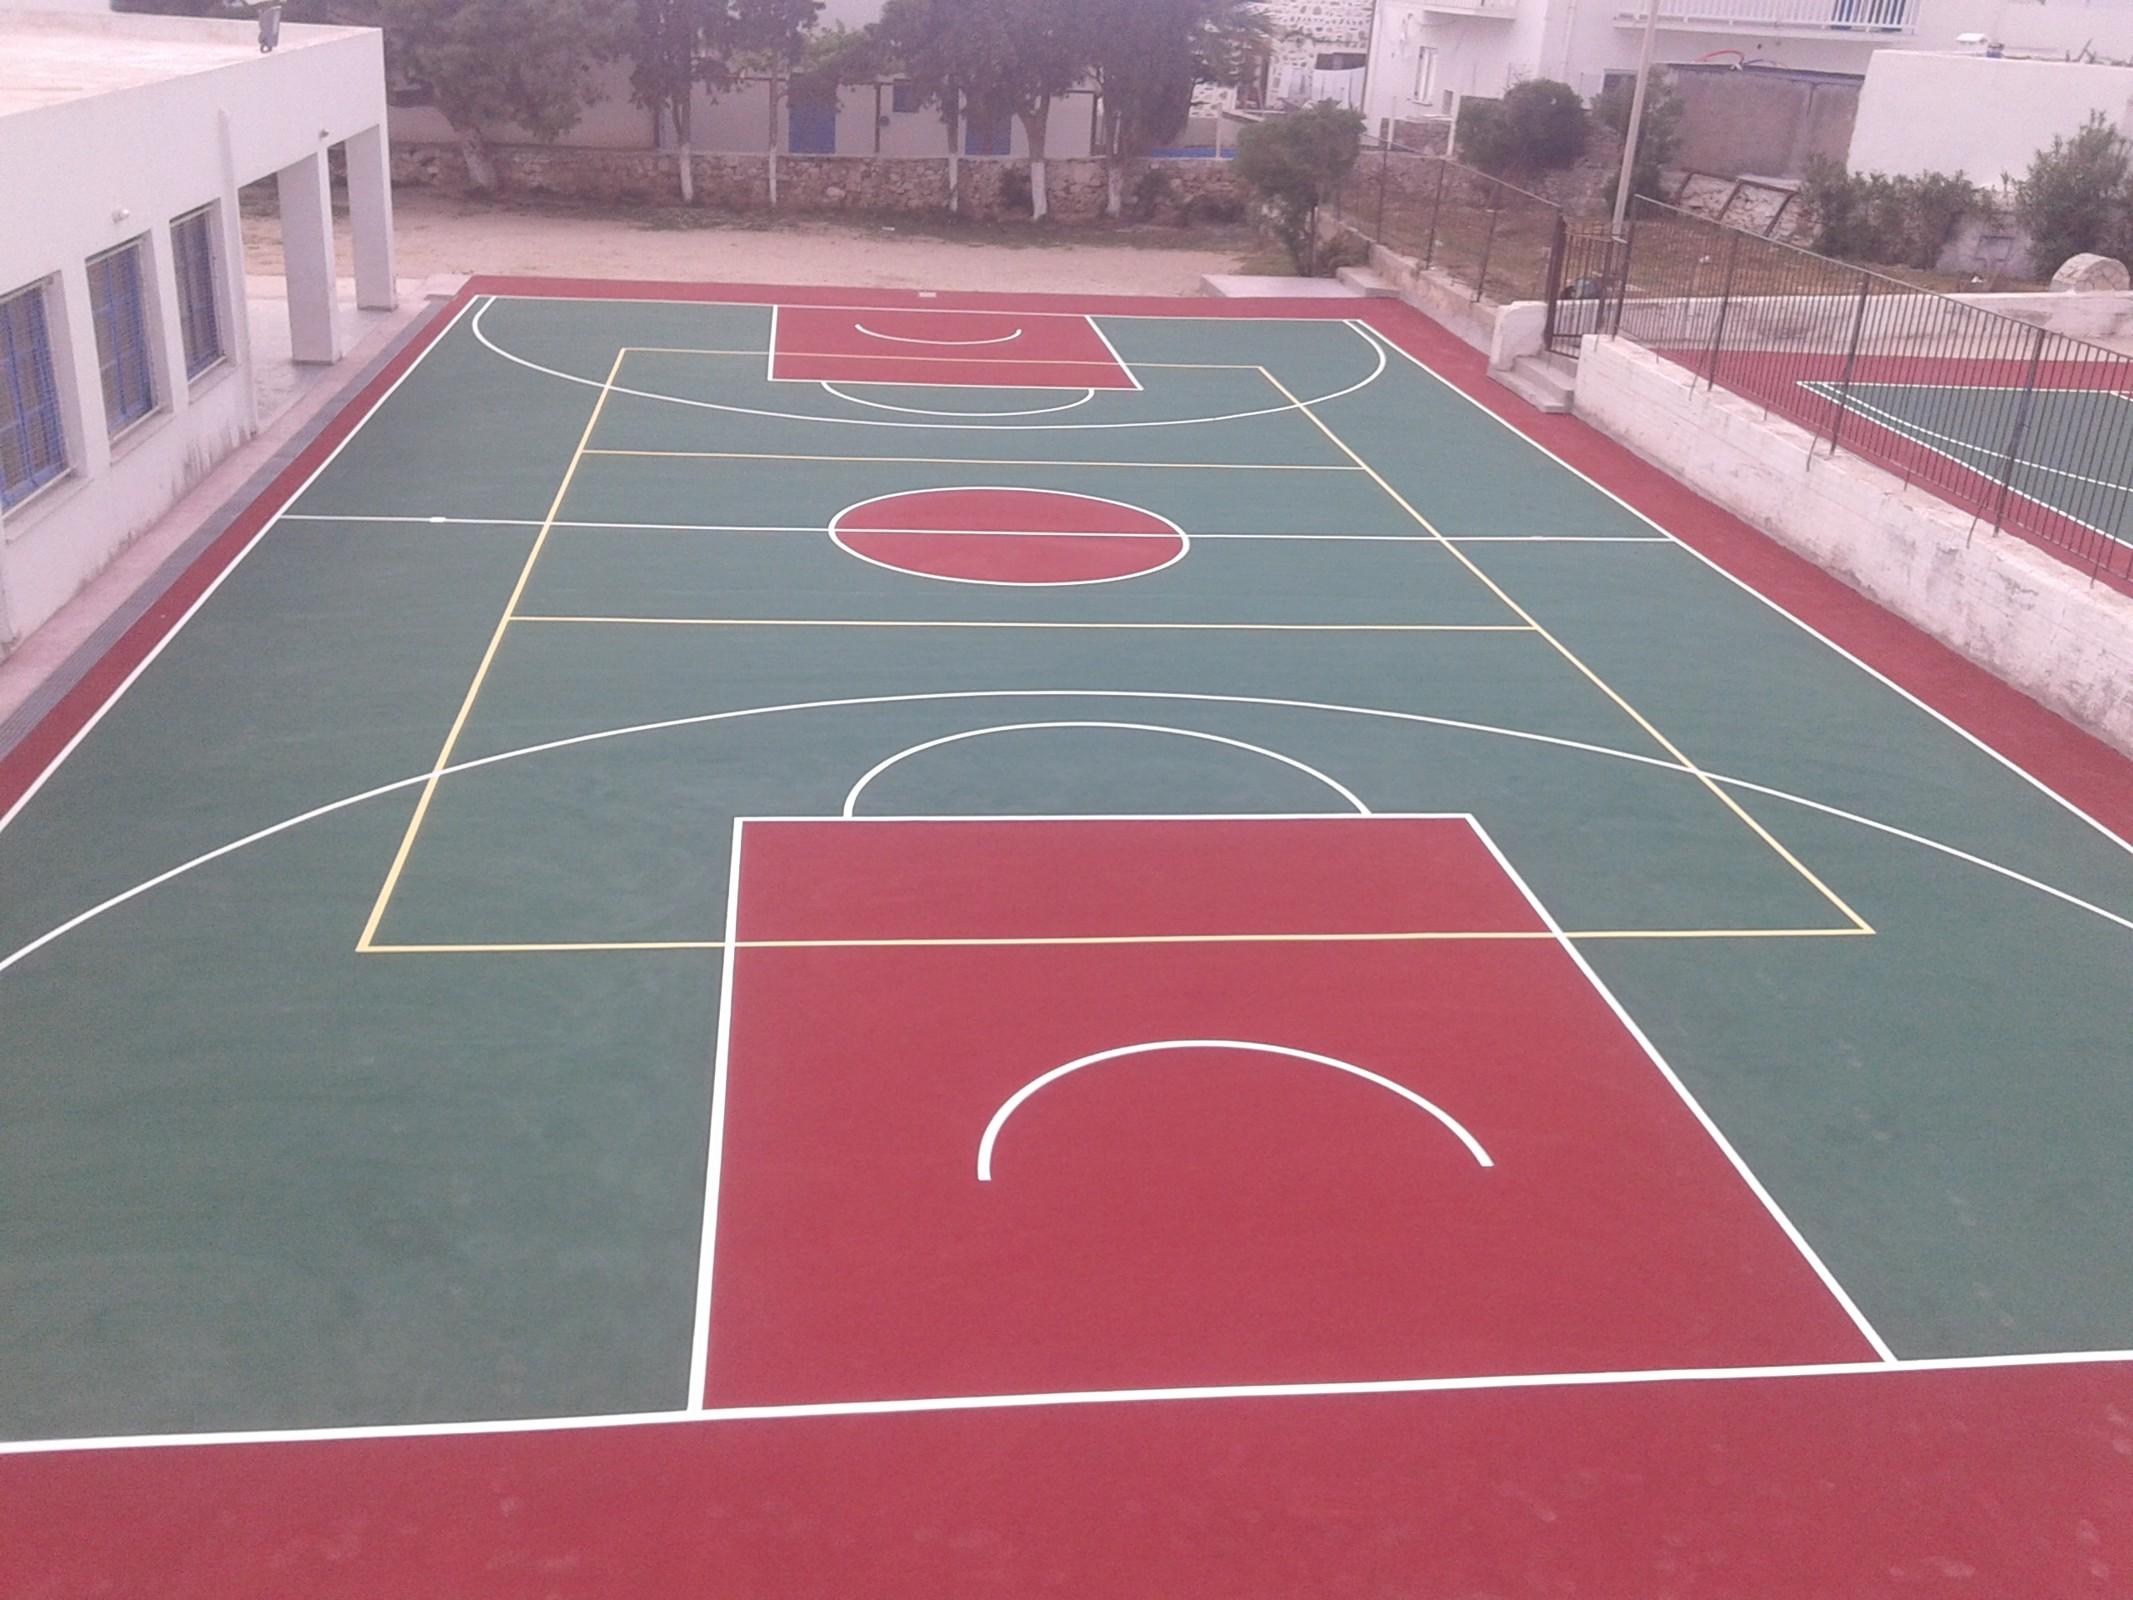 Κατασκευή γηπέδου μπάσκετ-βόλλεϋ